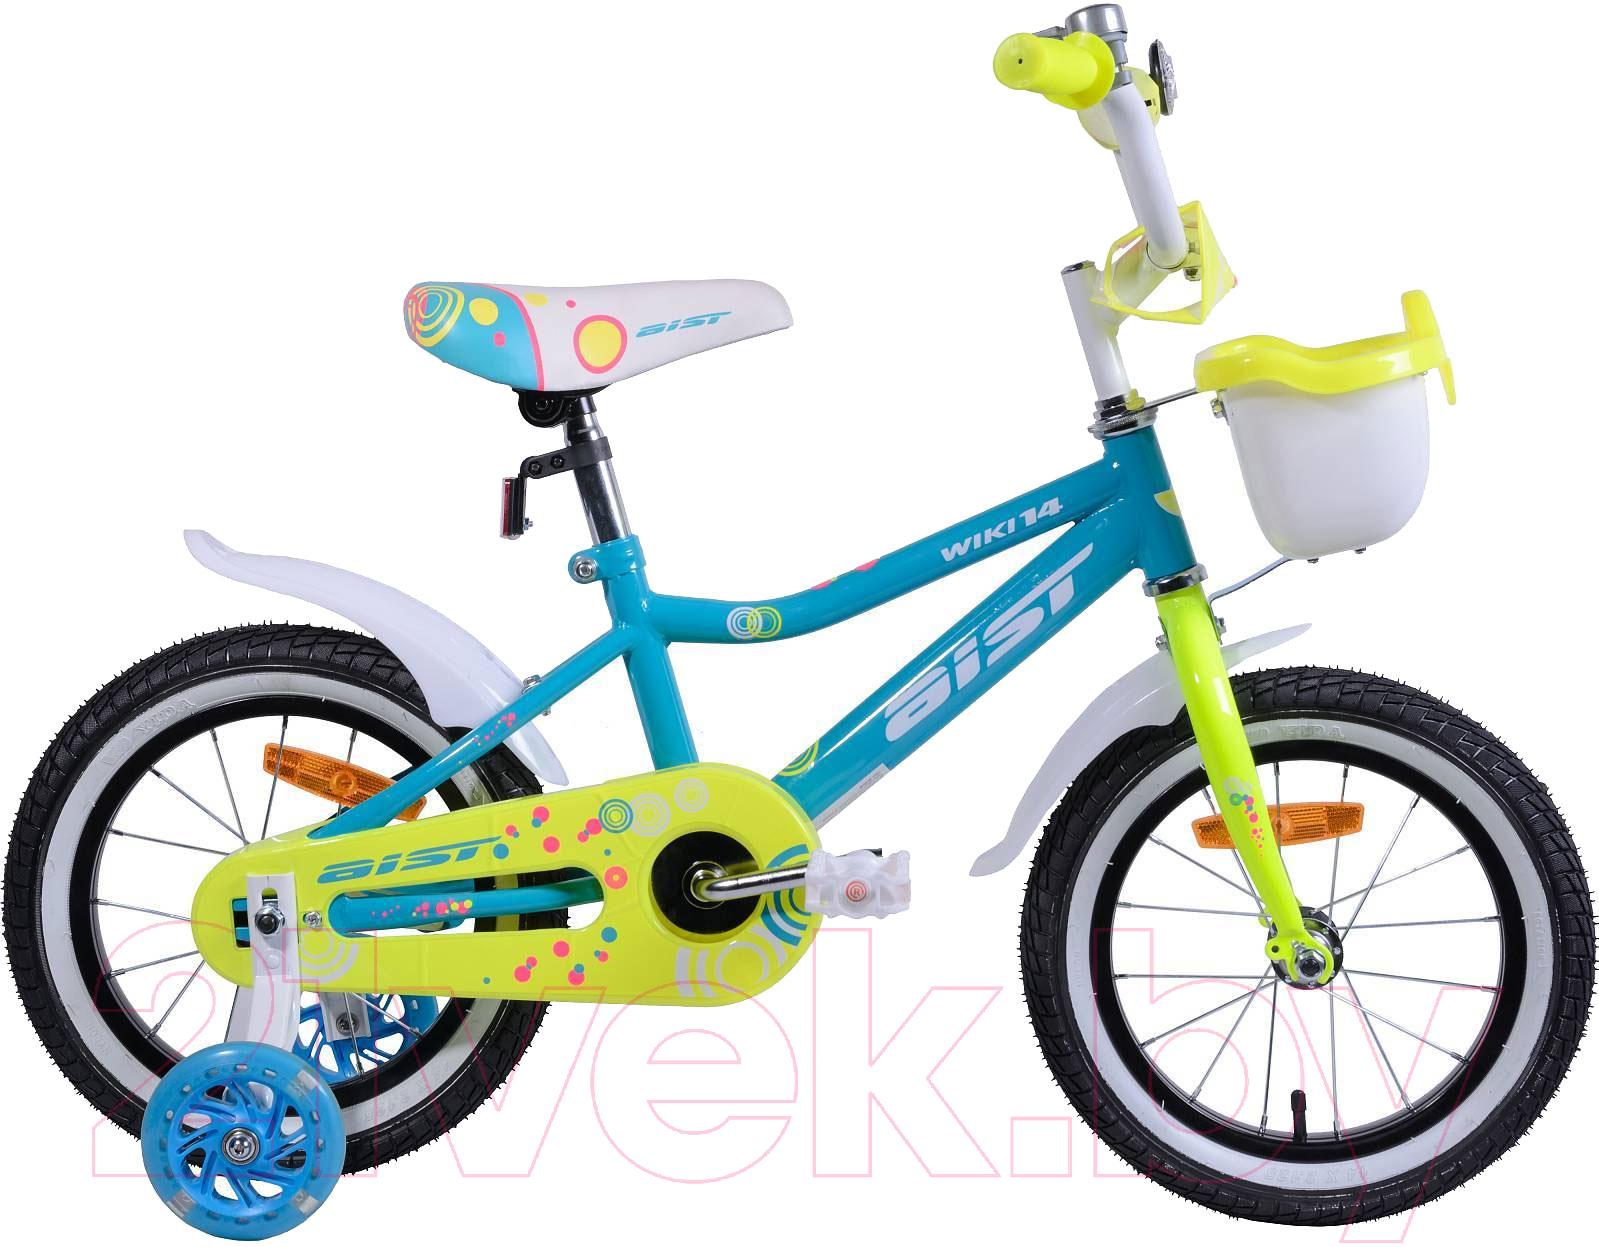 Купить Детский велосипед AIST, Wiki 2019 (14, голубой), Беларусь